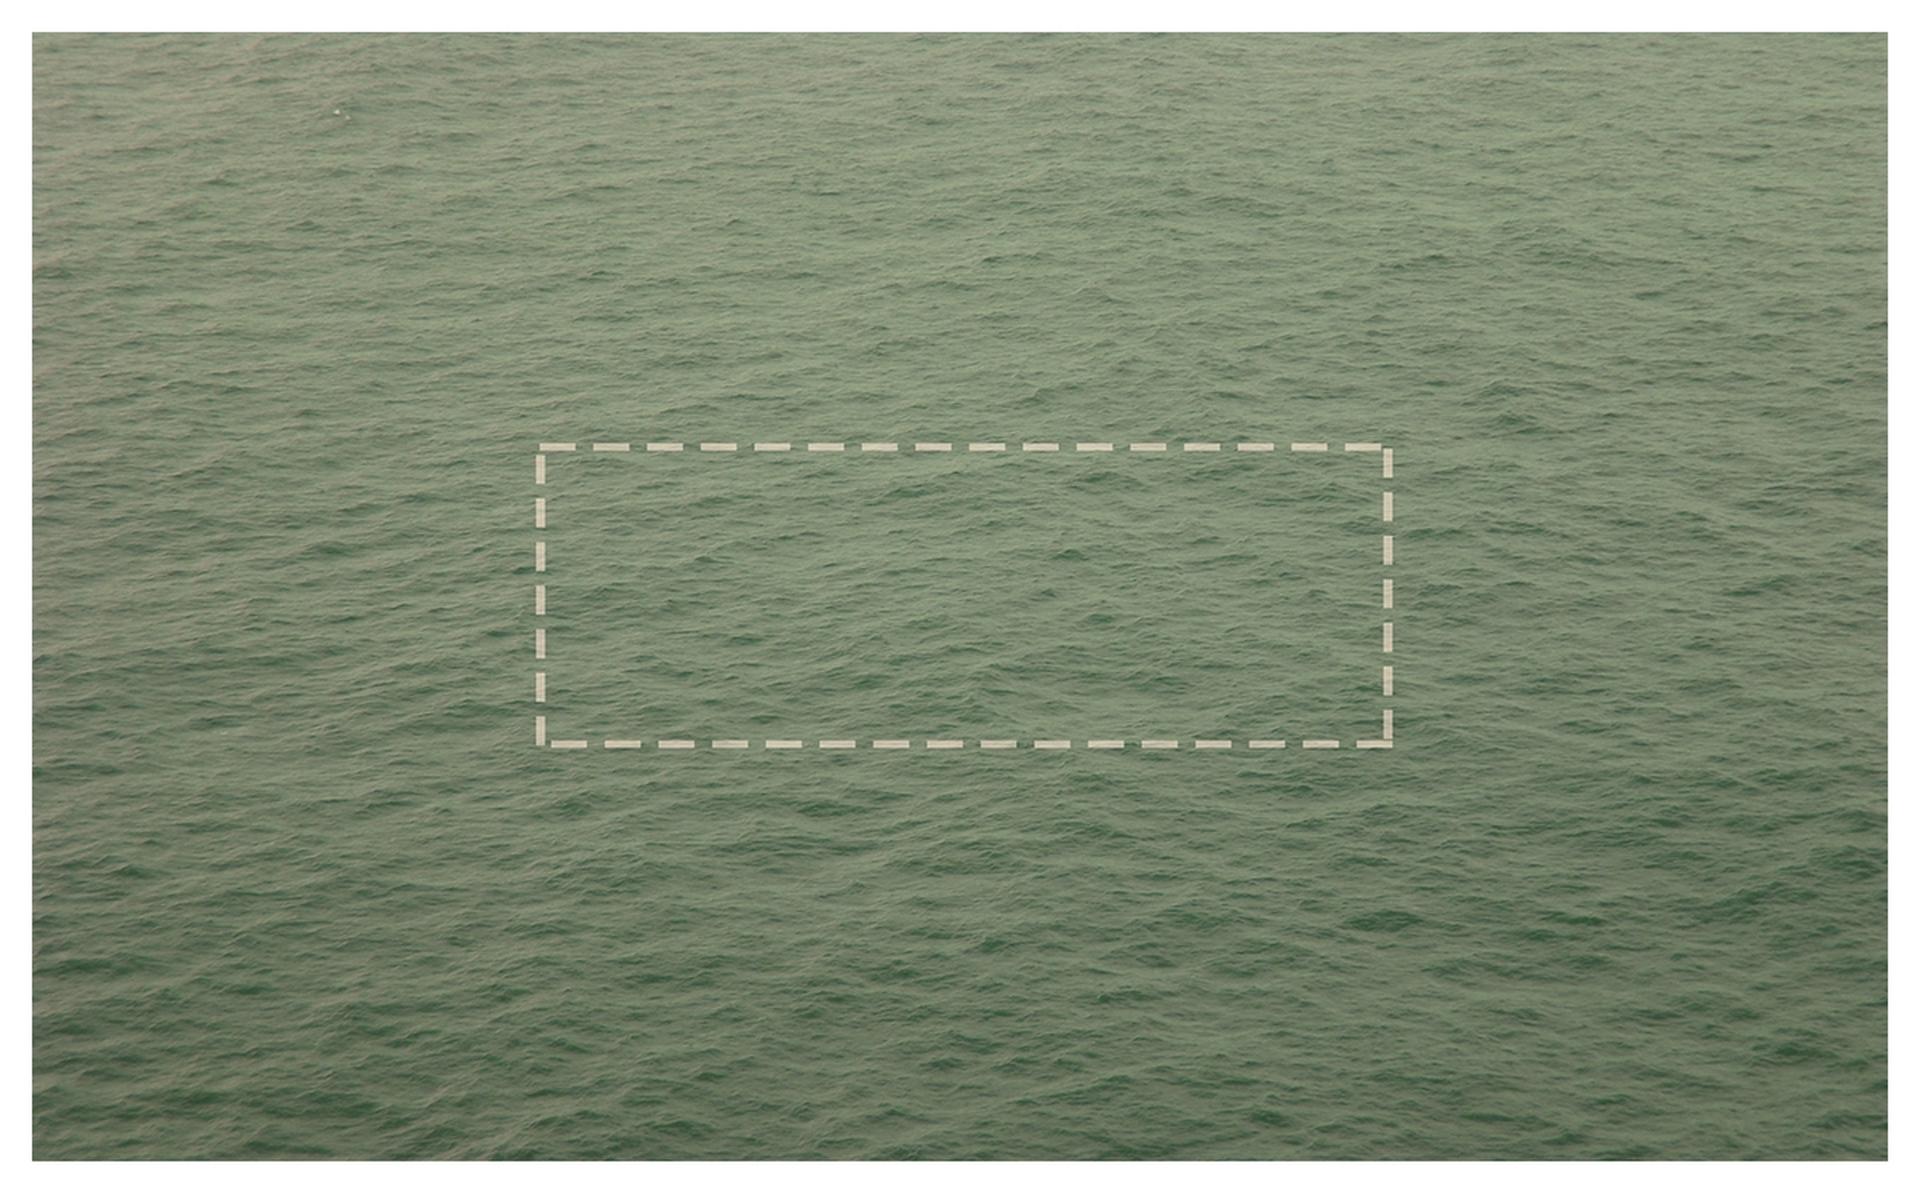 honnan ered a rövidlátás tesztelje a látását